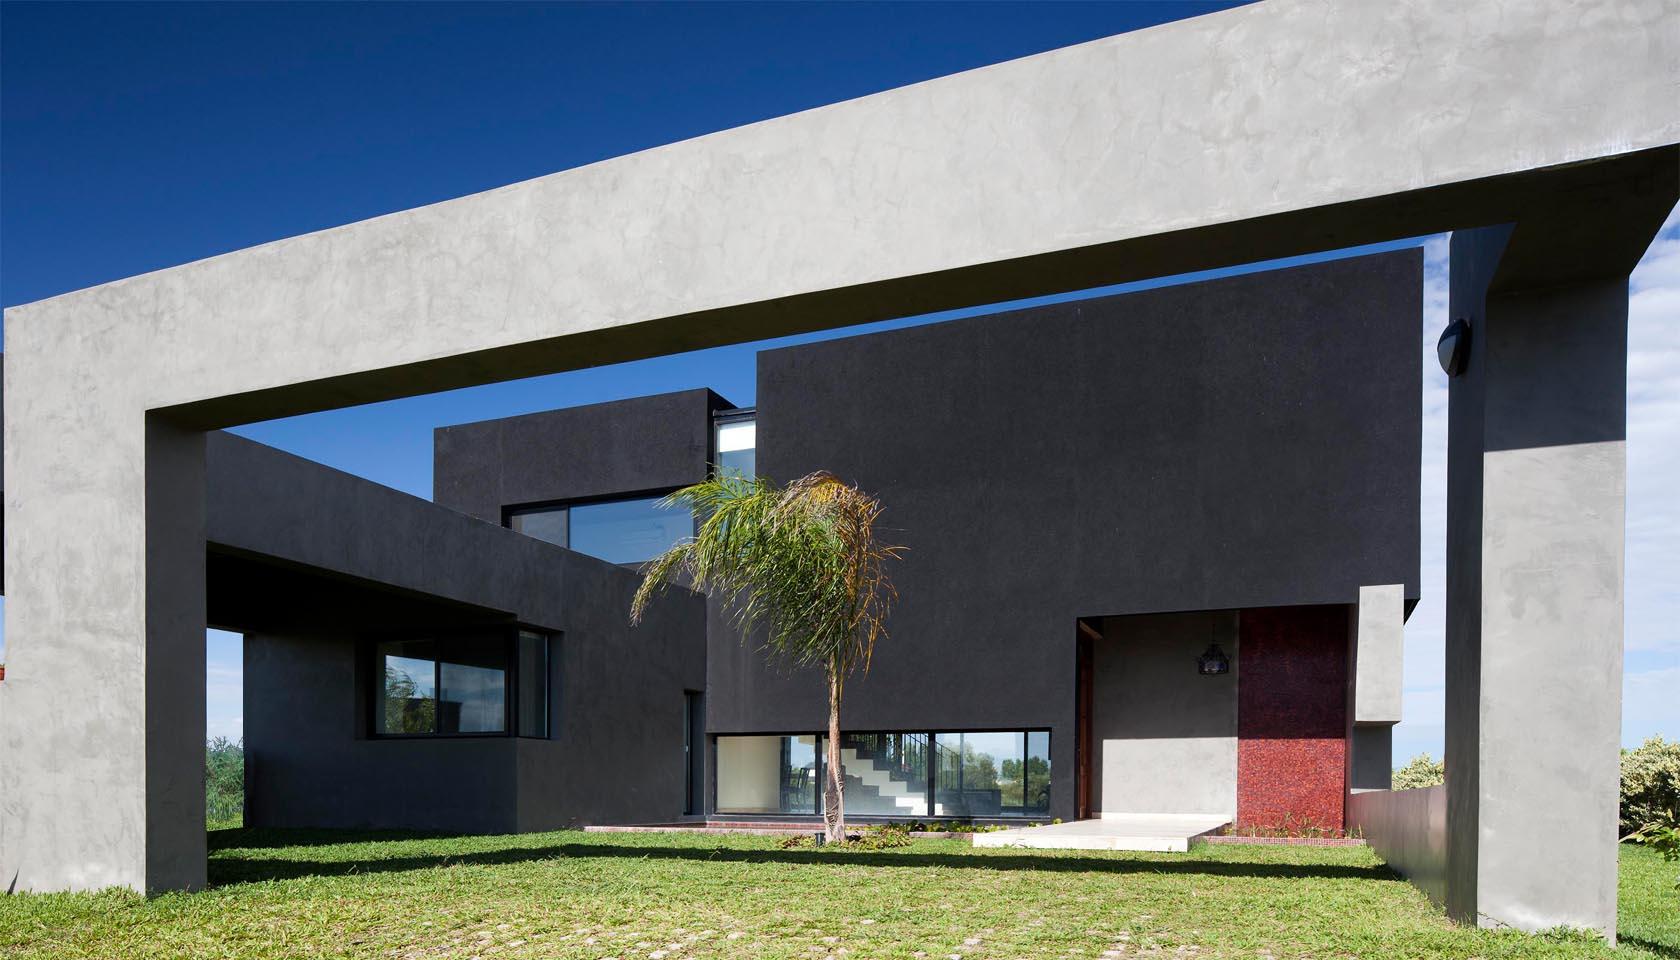 patios en vivienda, estanques en casas, encuadre del paisaje